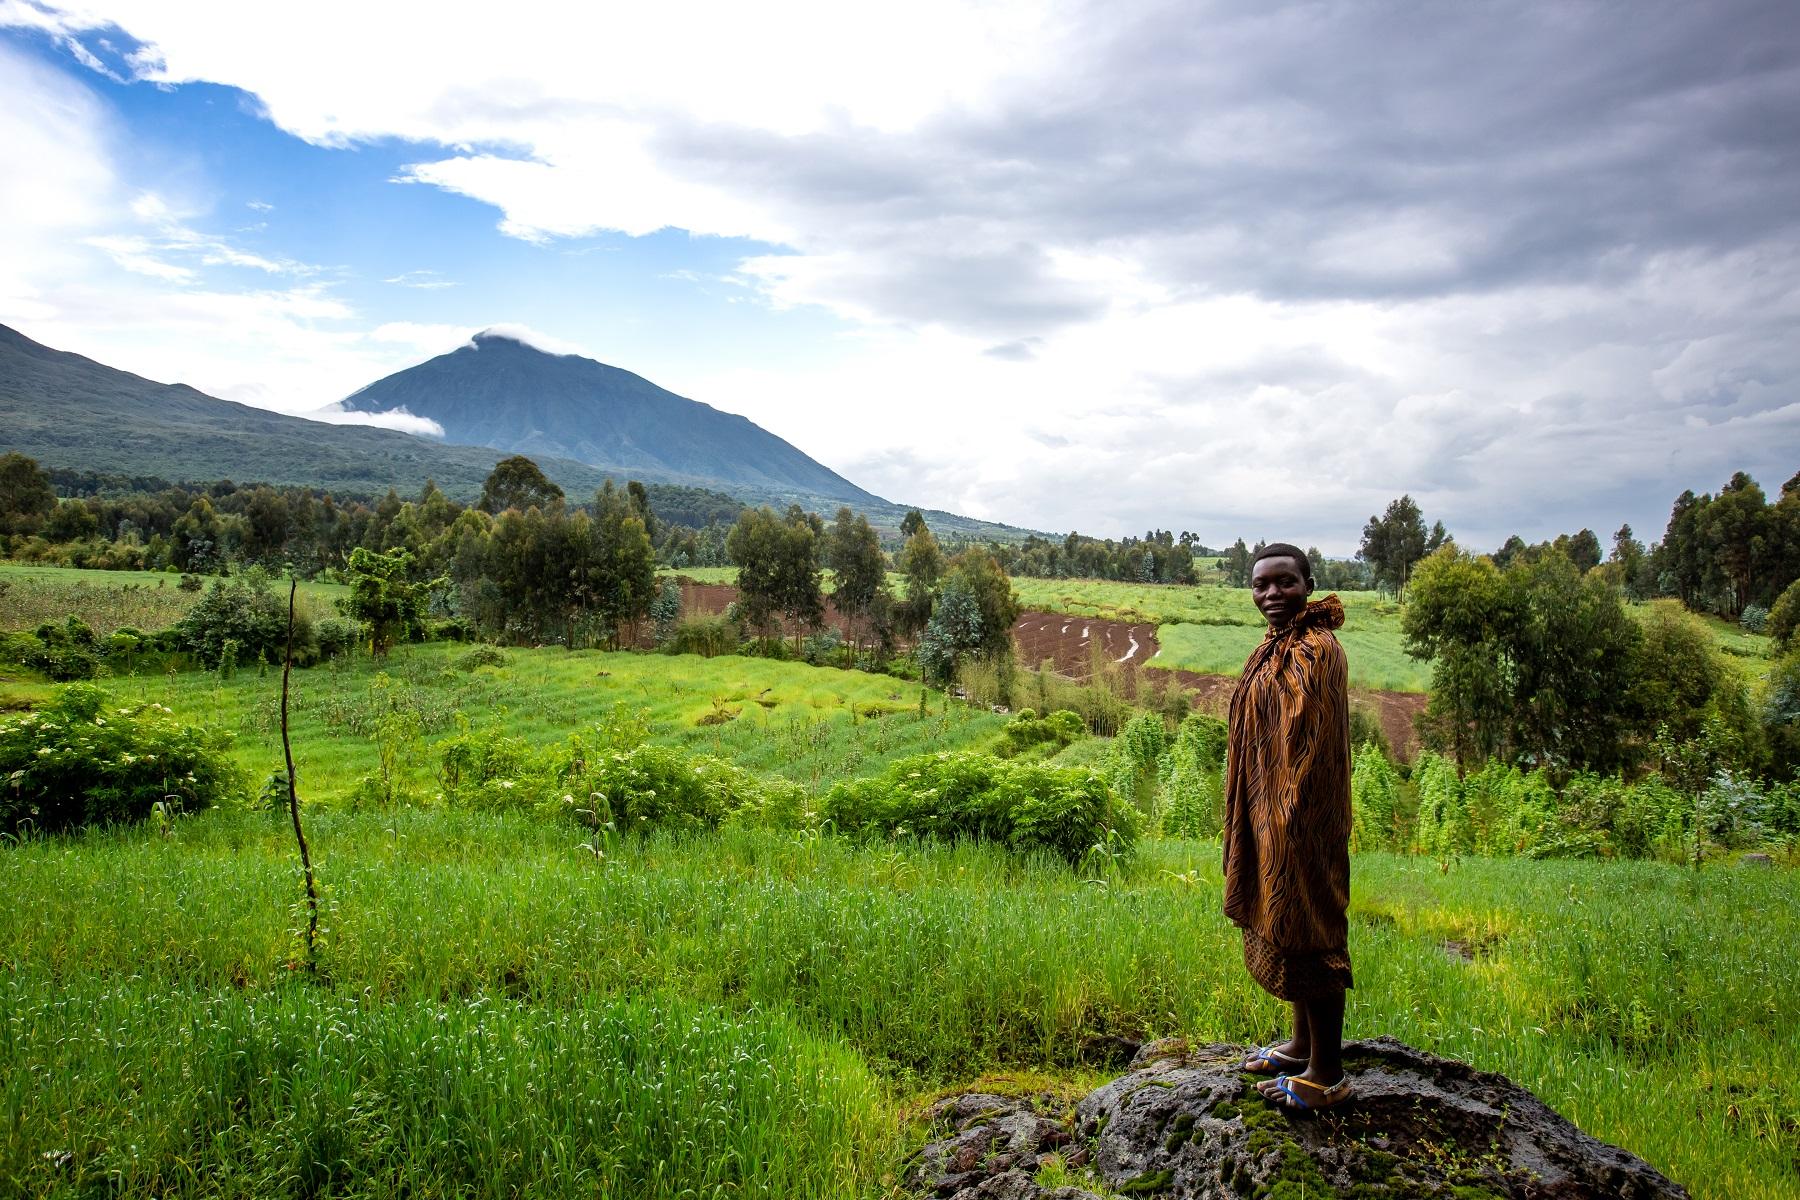 Um ruandês posa em meio à paisagem do Singita Kwitonda Lodge, um dos hotéis de luxo do país (Foto divulgação)